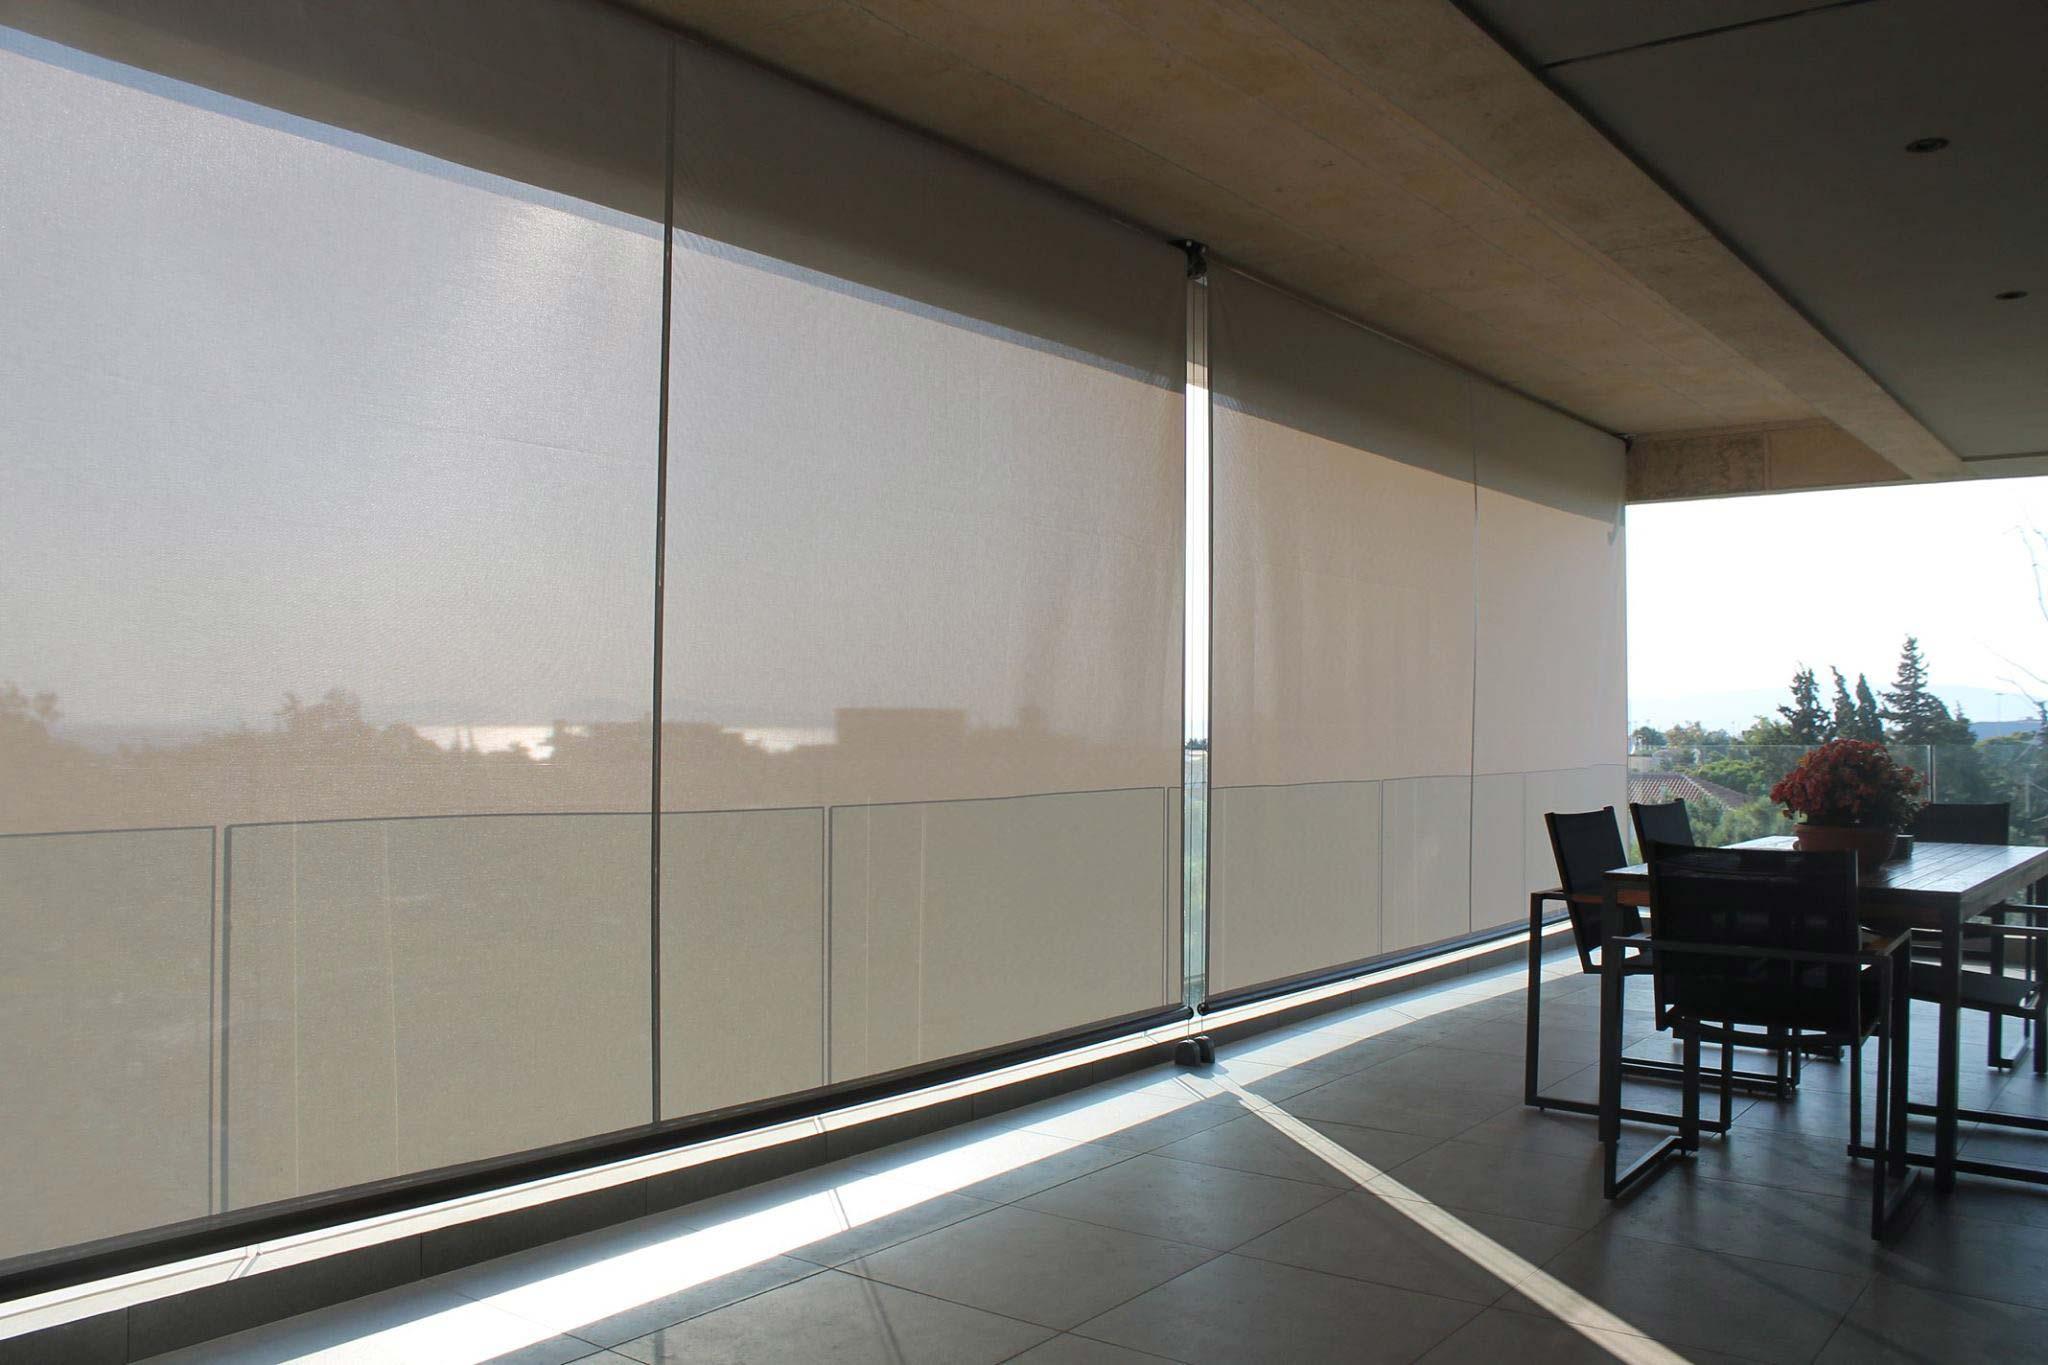 aussen rollo finest balkon rollo wunderbar sichtschutz rollo balkon aussenrollo terrassen. Black Bedroom Furniture Sets. Home Design Ideas